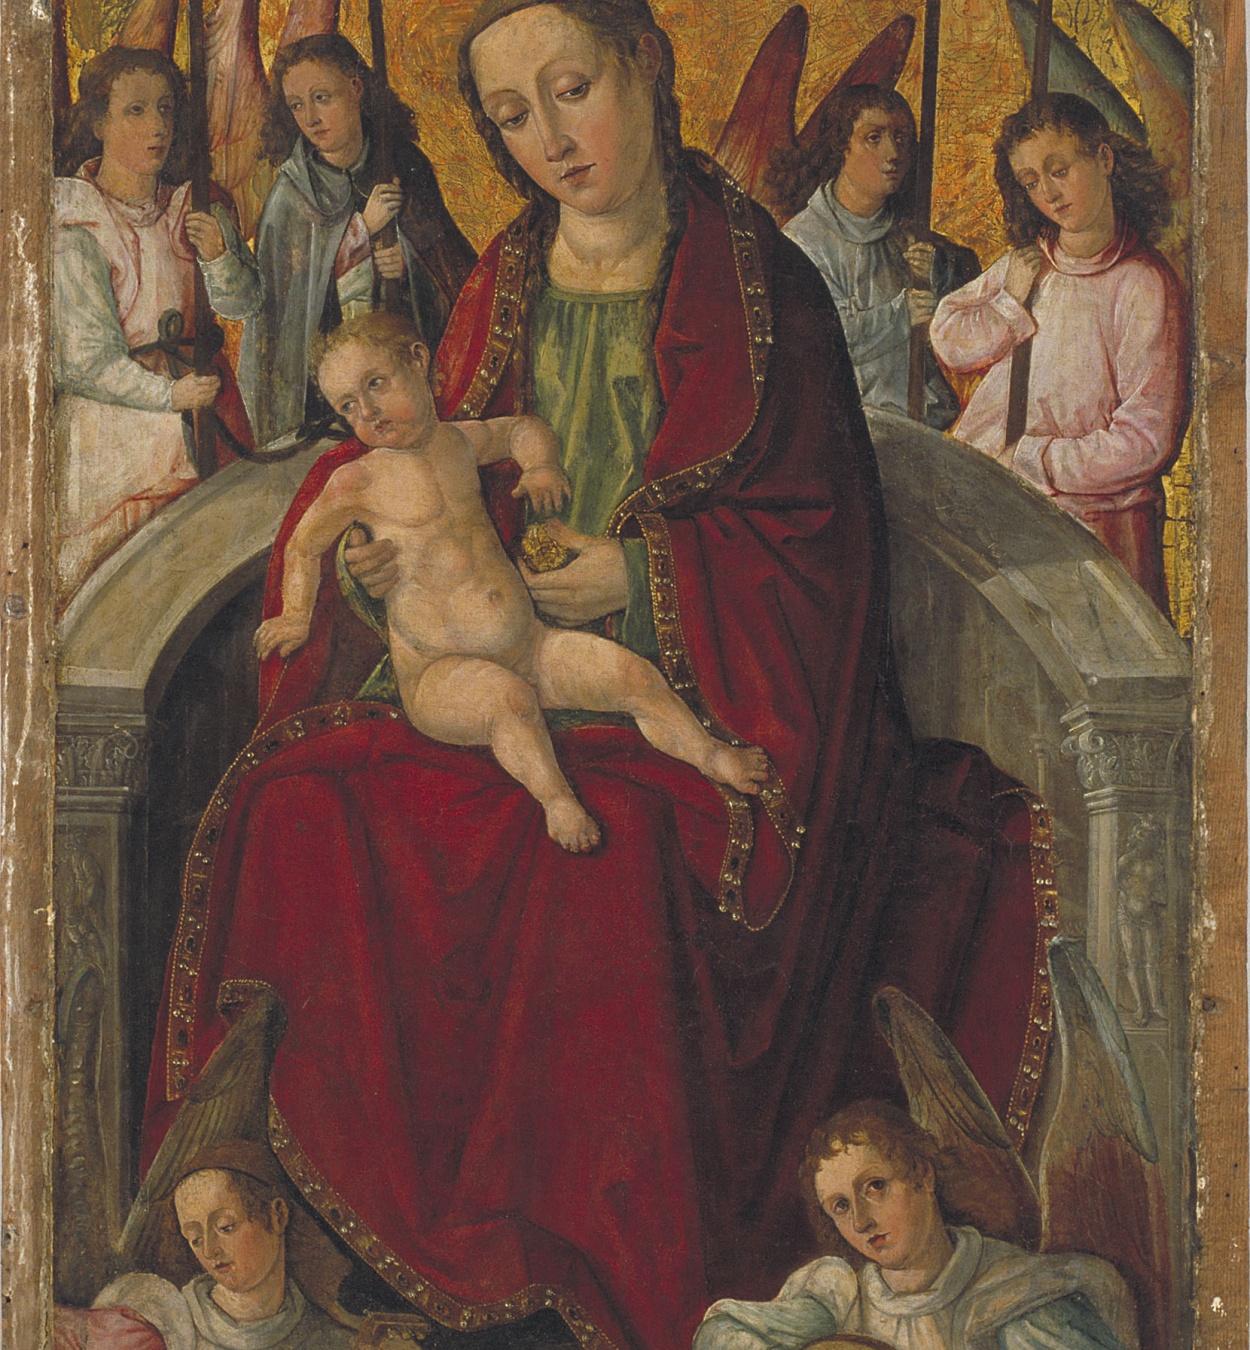 Francesc d'Osona - Mare de Déu - Cap a 1500-1505